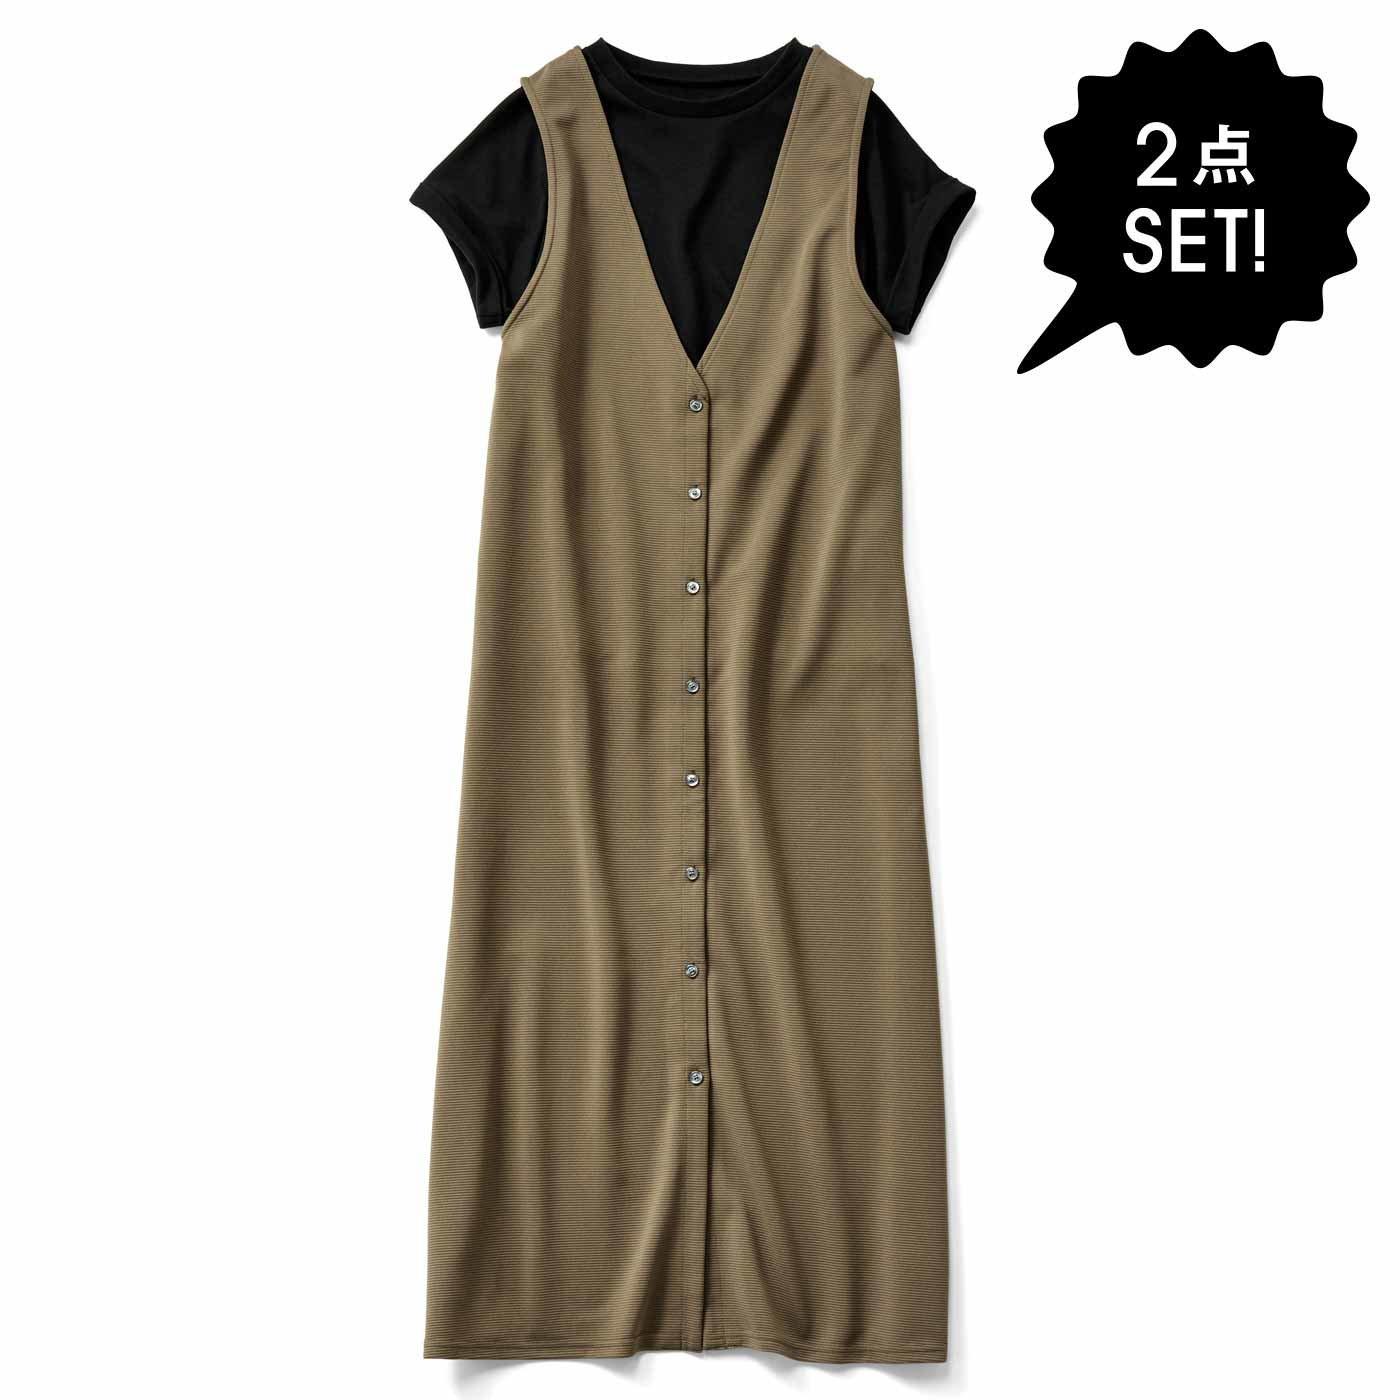 IEDIT[イディット]  3-WAYで着られる Tシャツとジャンパースカートのコーディネイトセット〈カーキ×ブラック〉